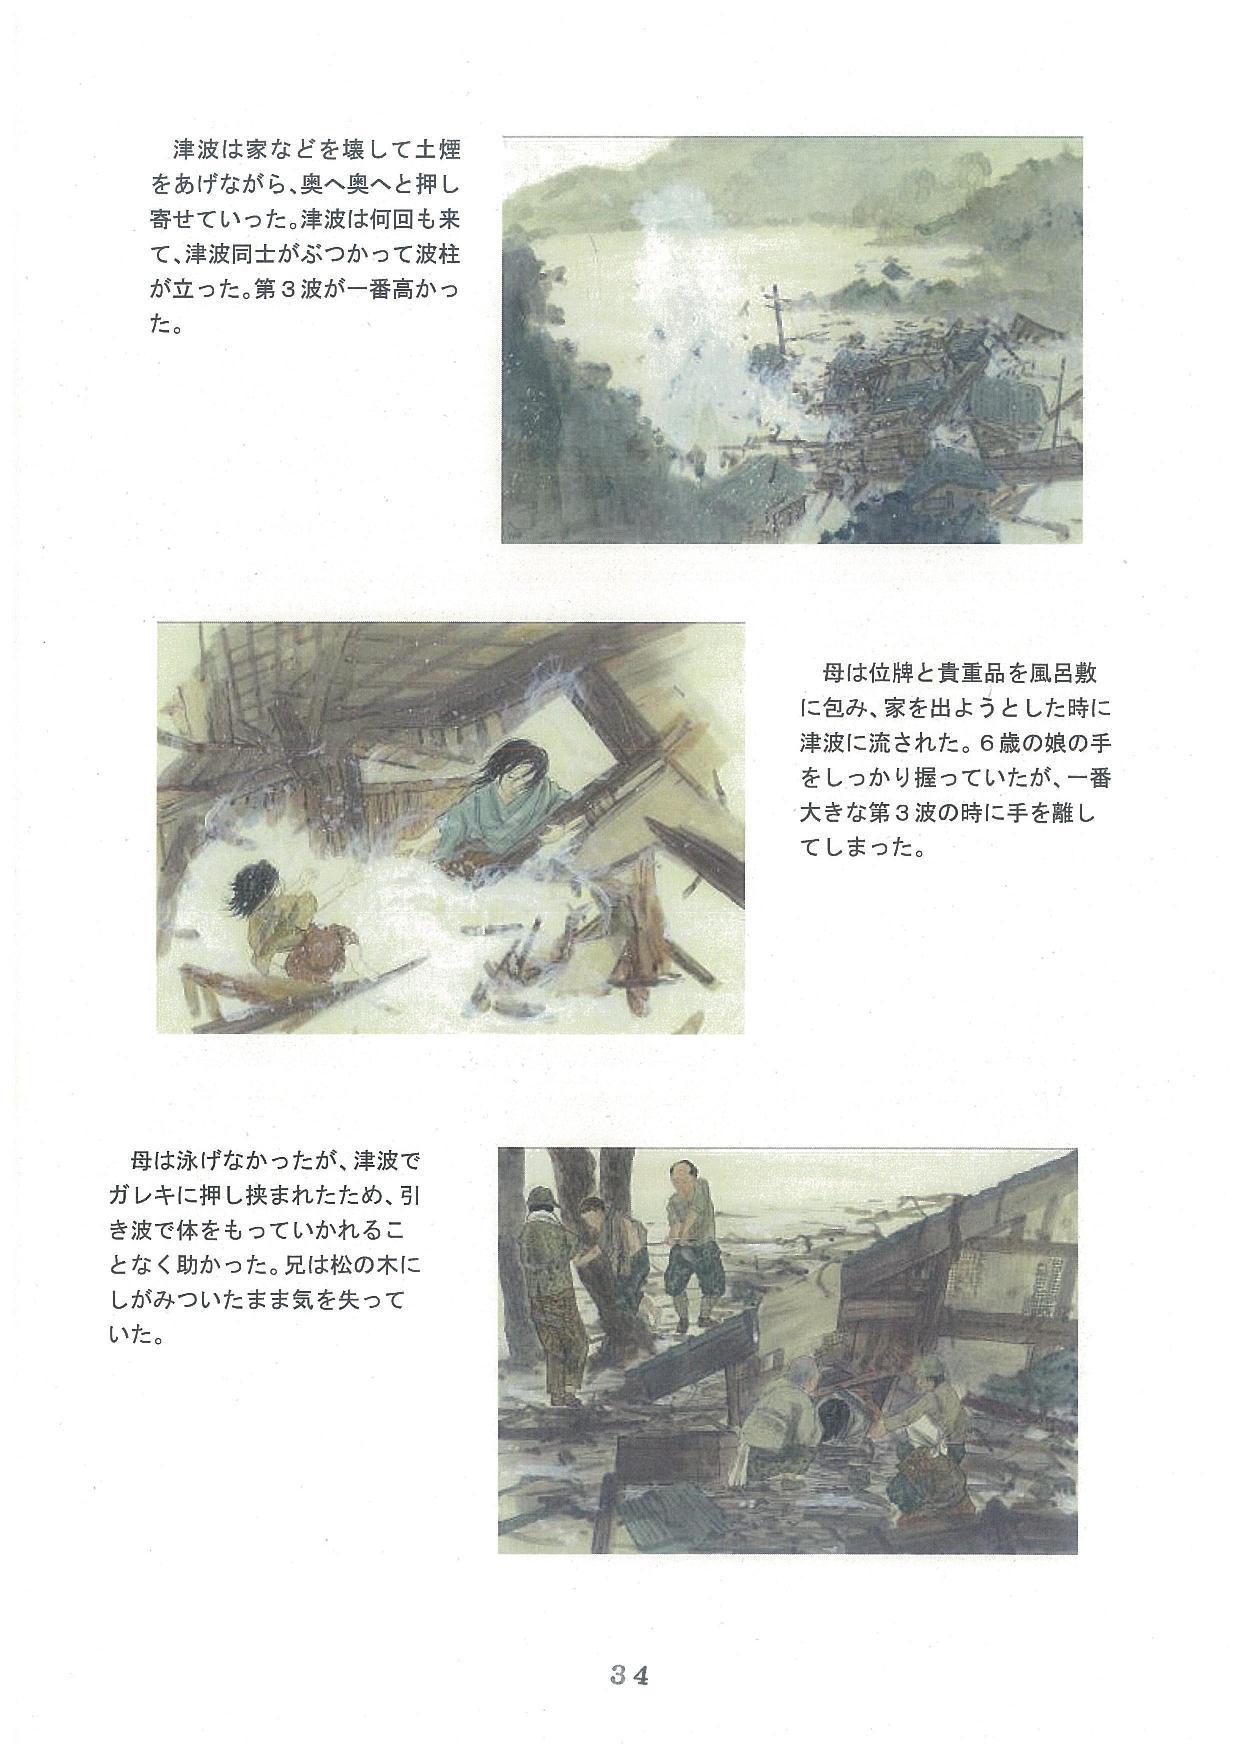 20171208-02_ページ_34